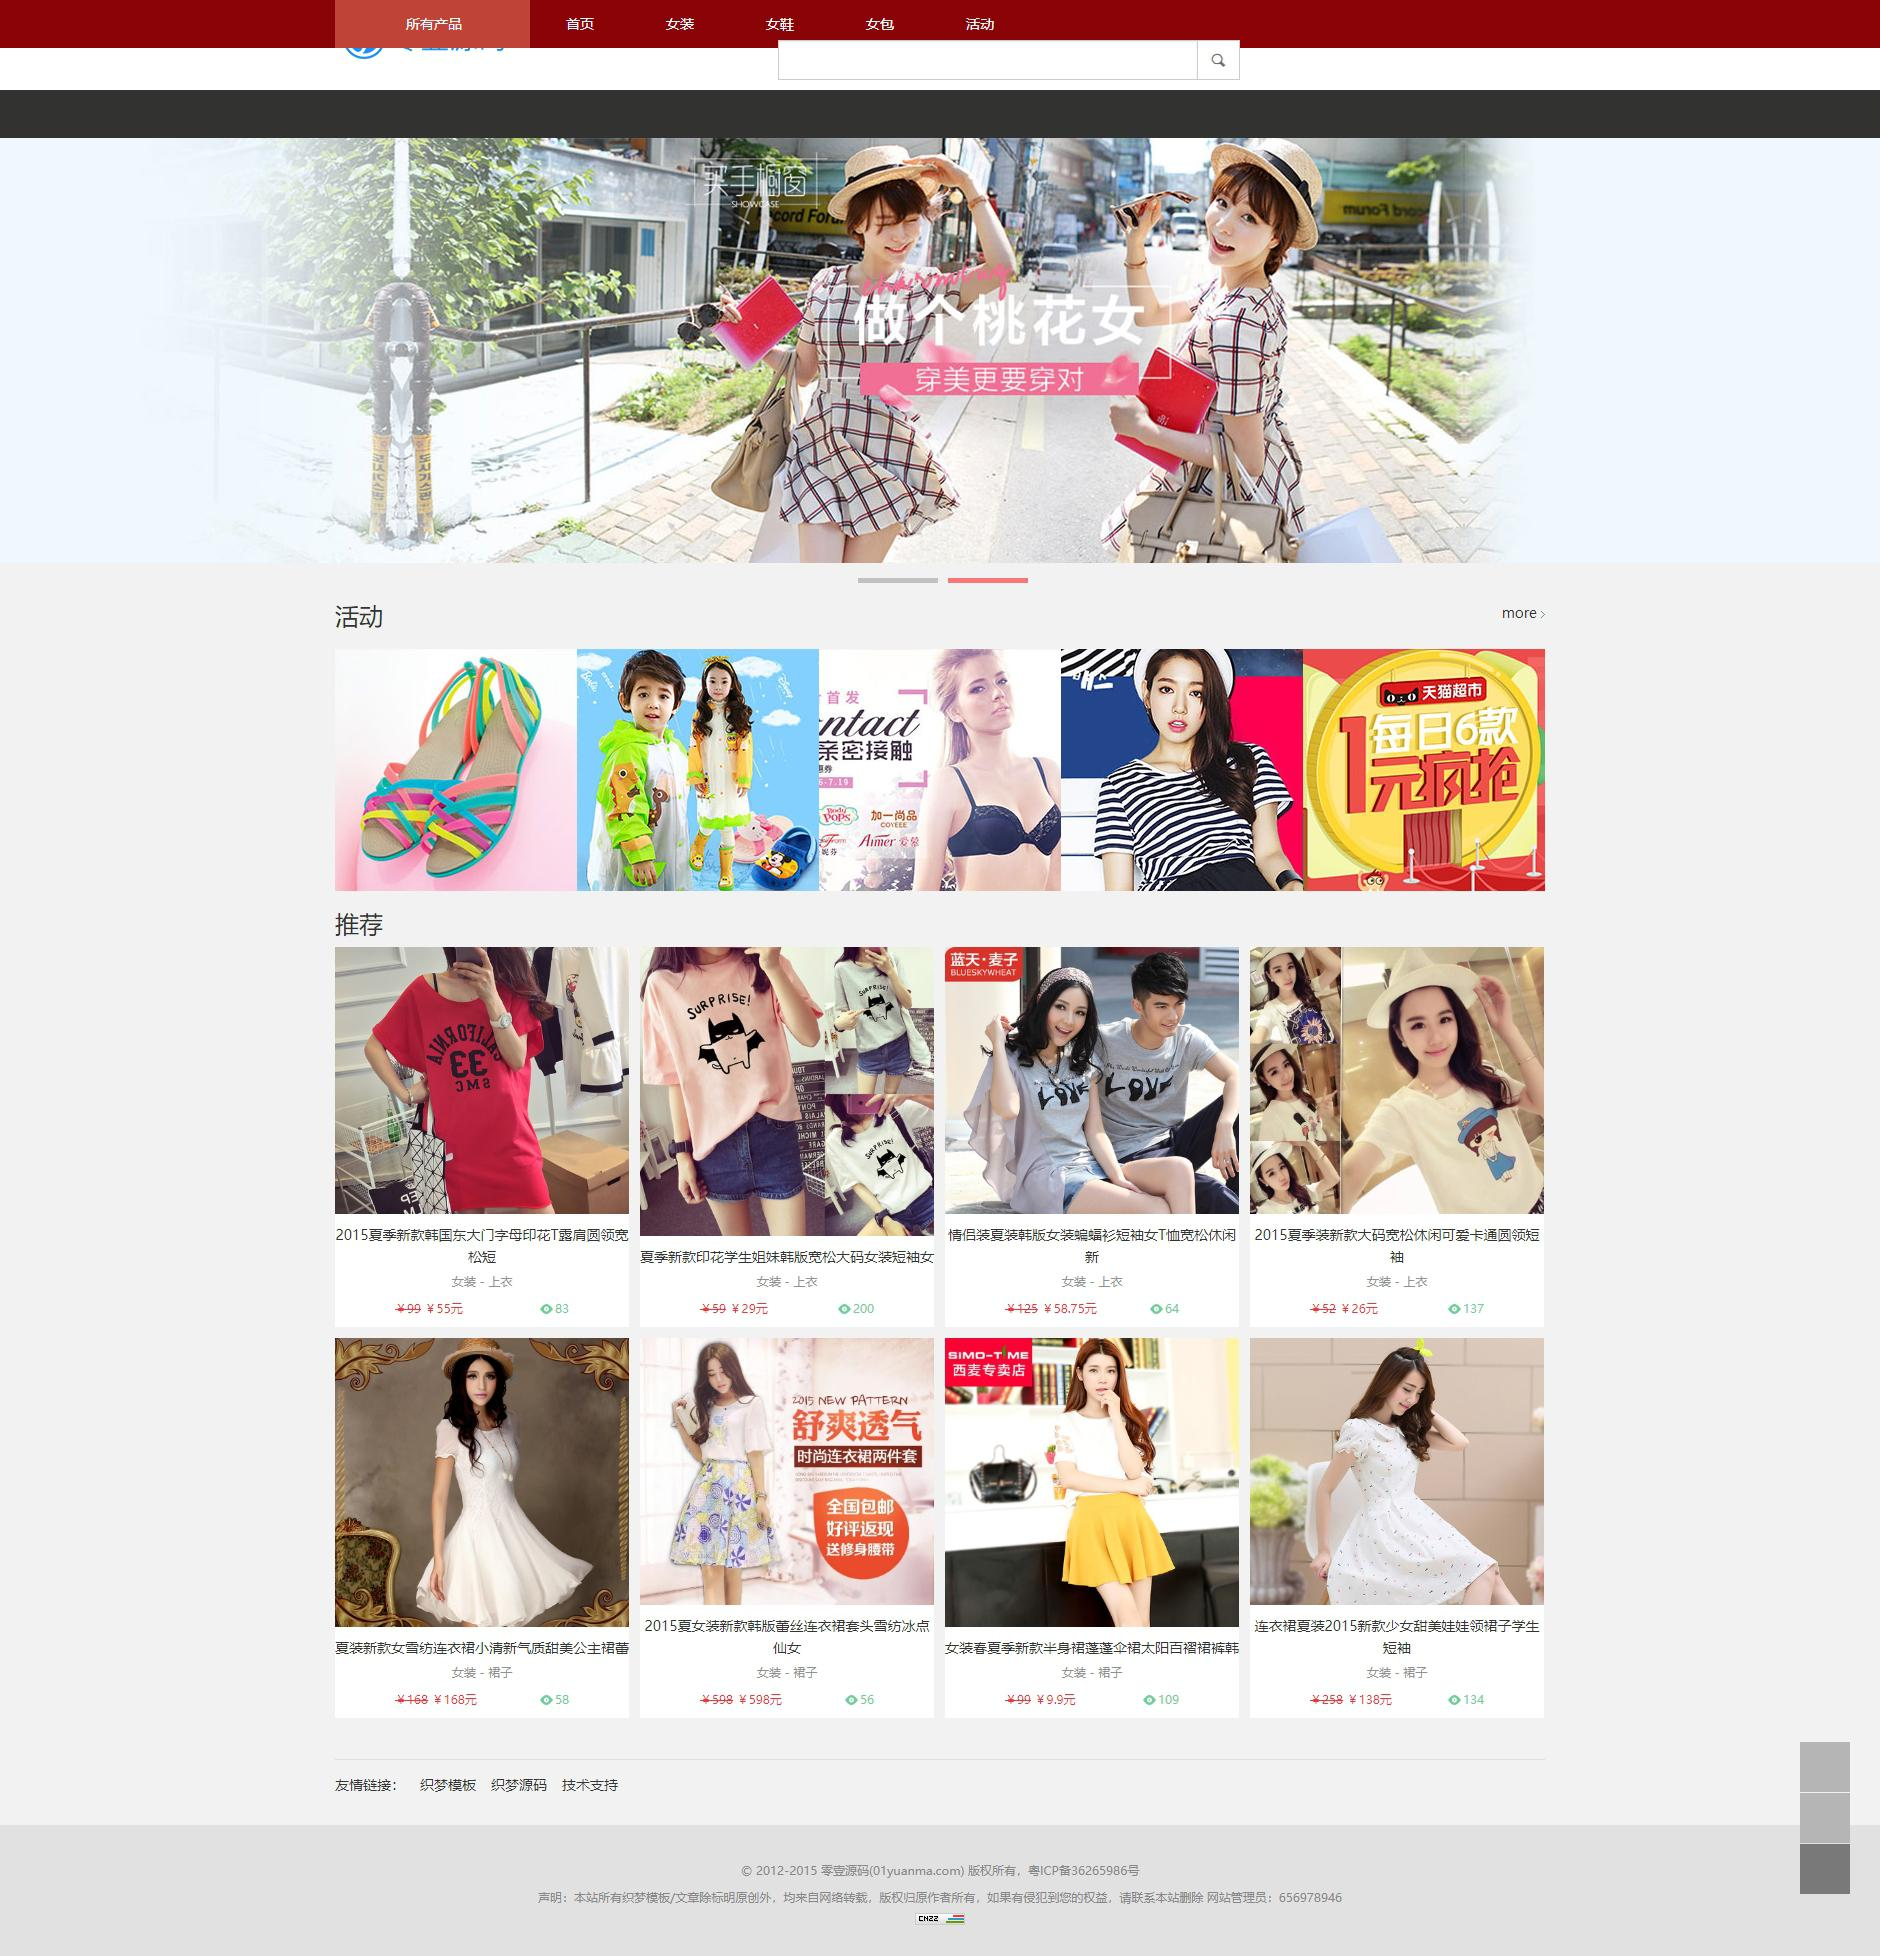 织梦dedecms简洁大方大气淘宝客购物网站模板